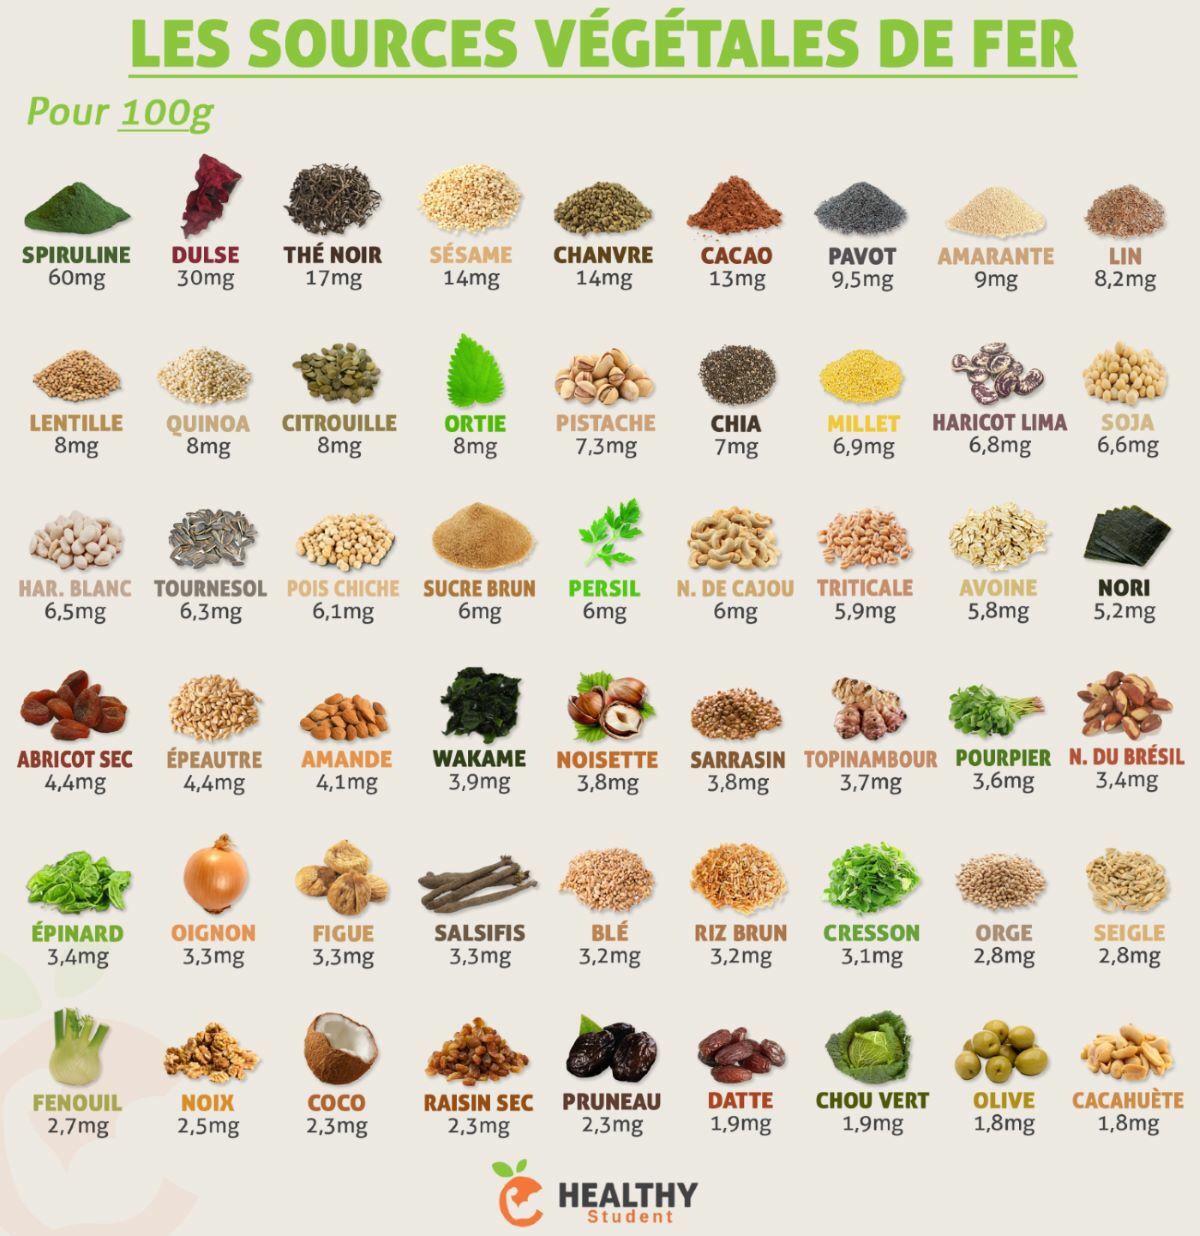 aliments végétaux riches en fer